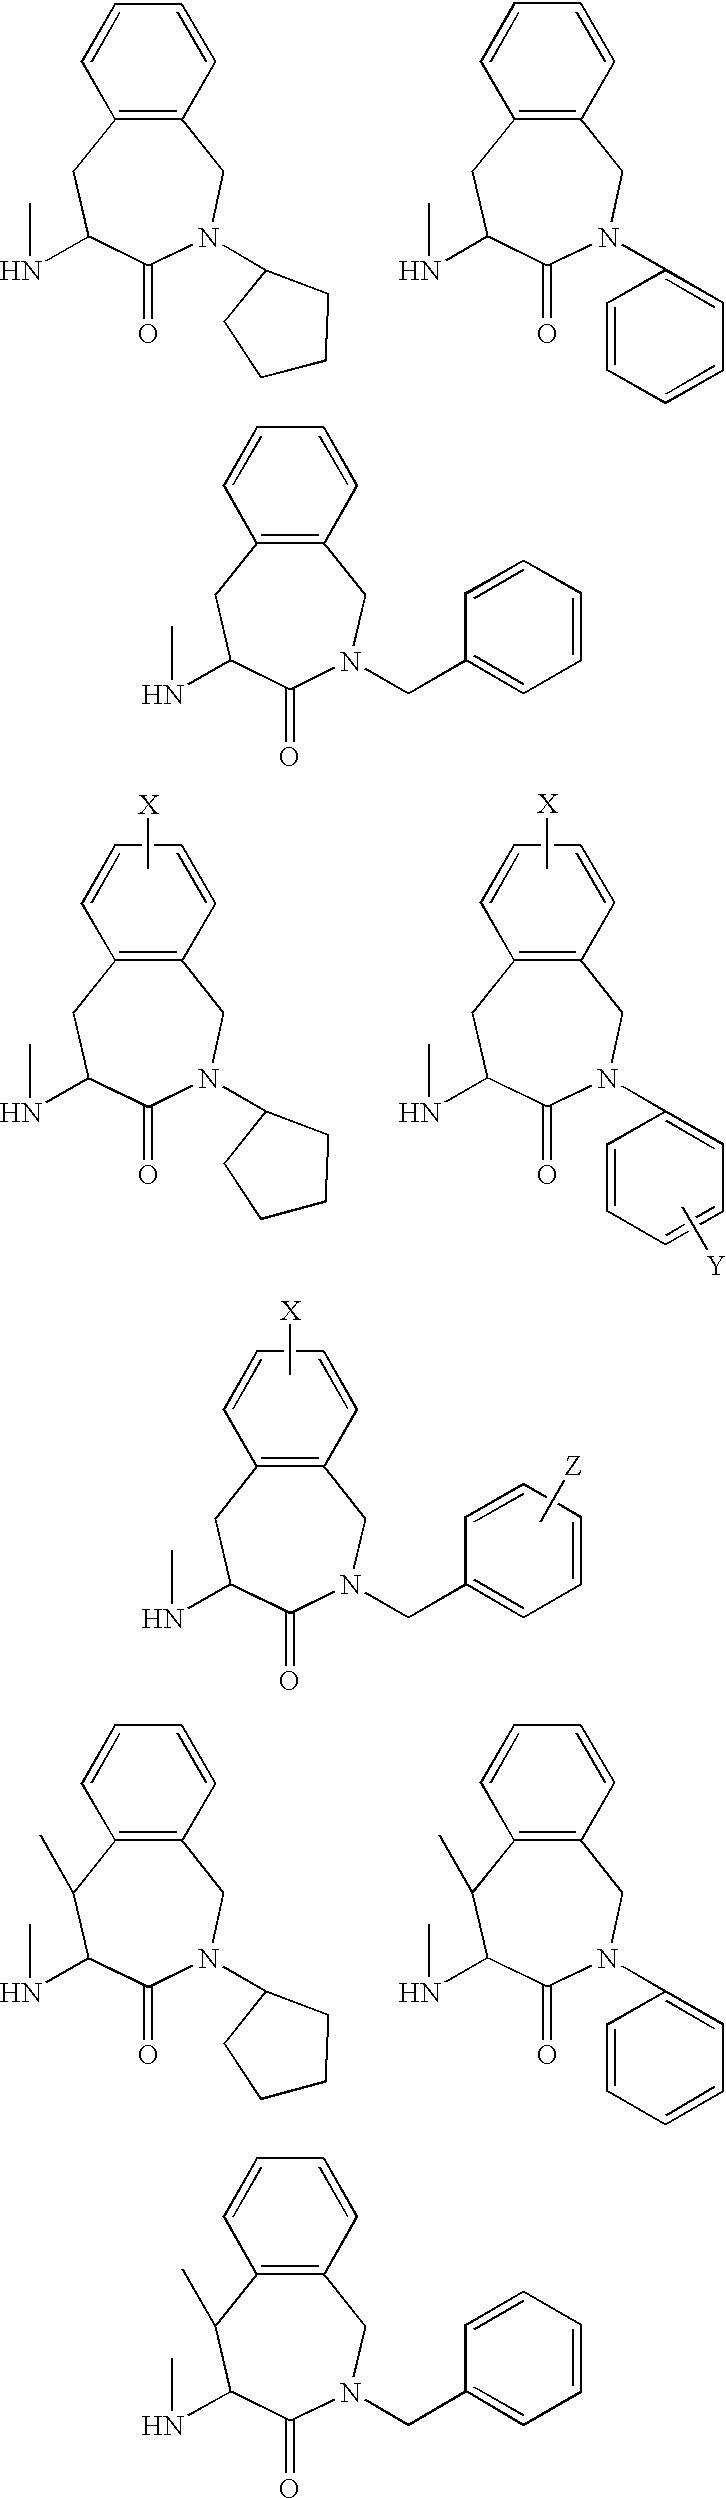 Figure US06509331-20030121-C00050